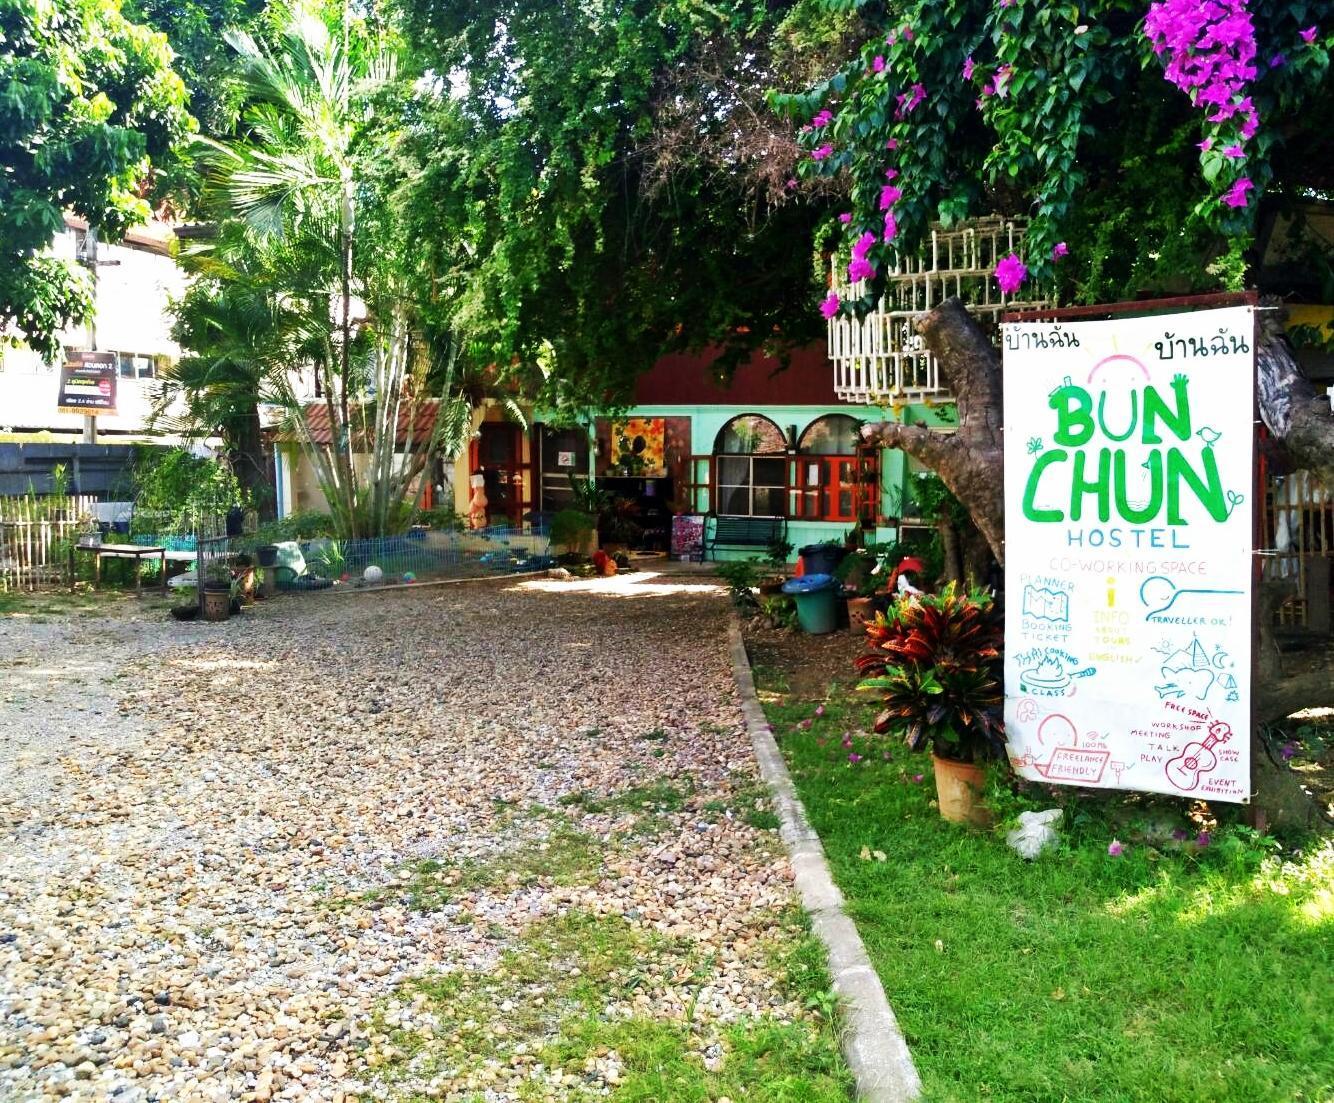 Bunchun Hostel,Bunchun Hostel